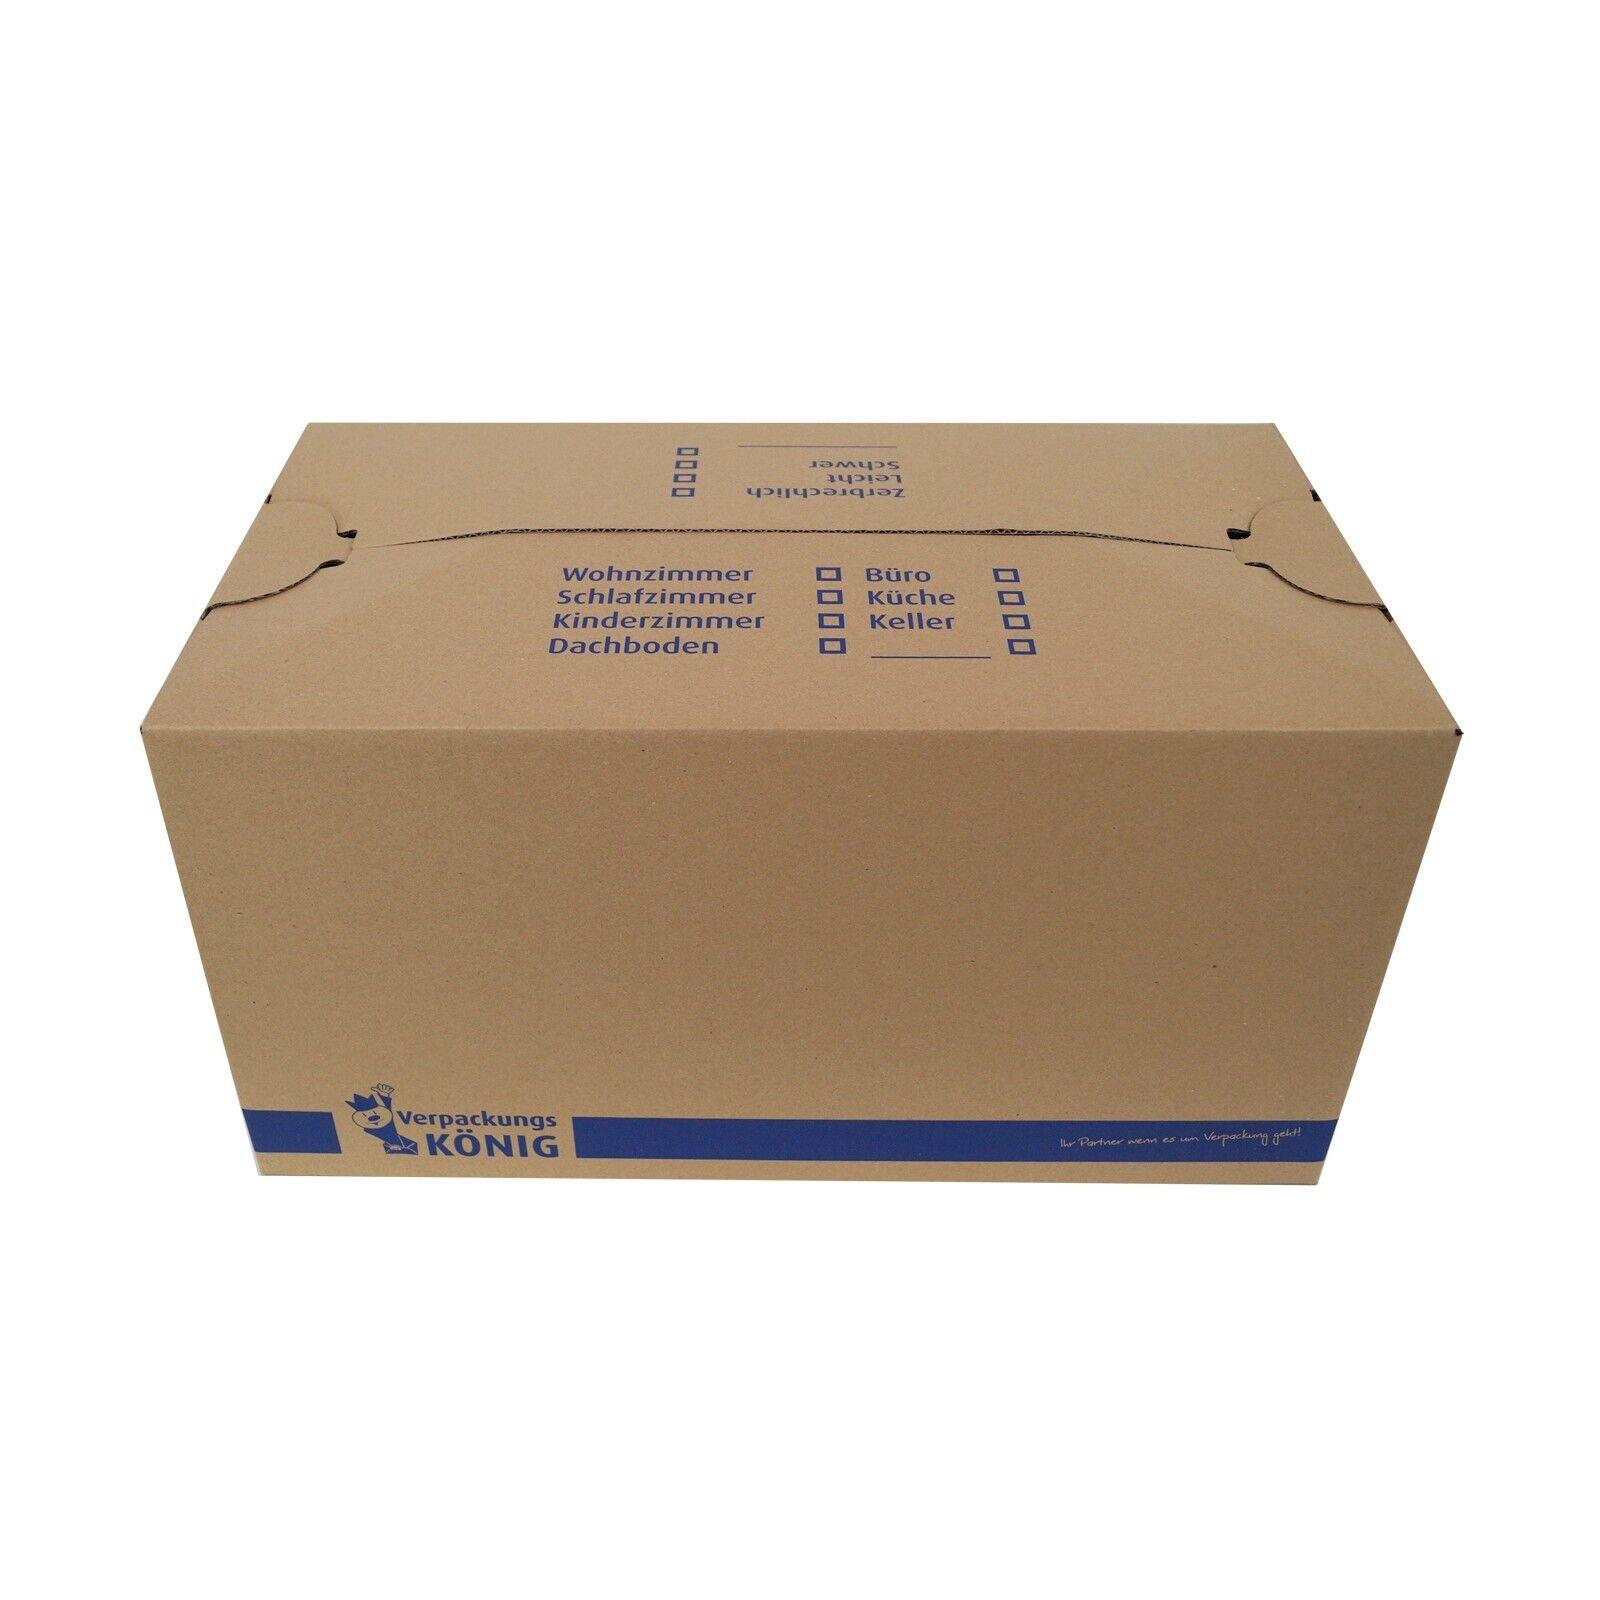 25 Umzugskartons Umzugskiste Karton Box Umzug Umnzugsbox Movebox